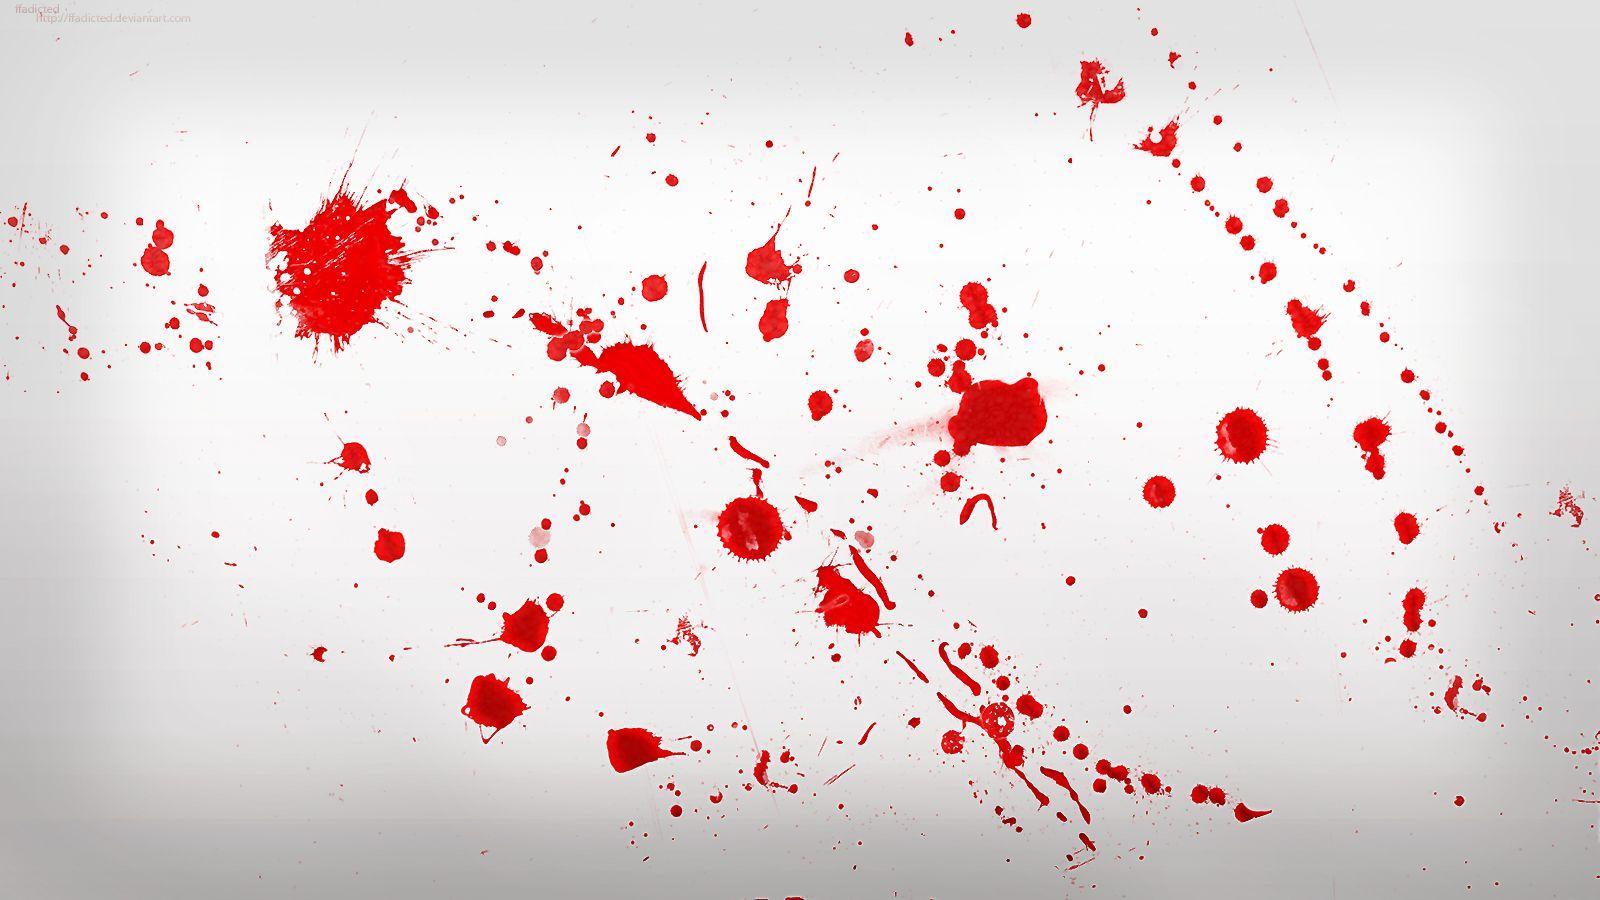 Pin On Blood Splatter